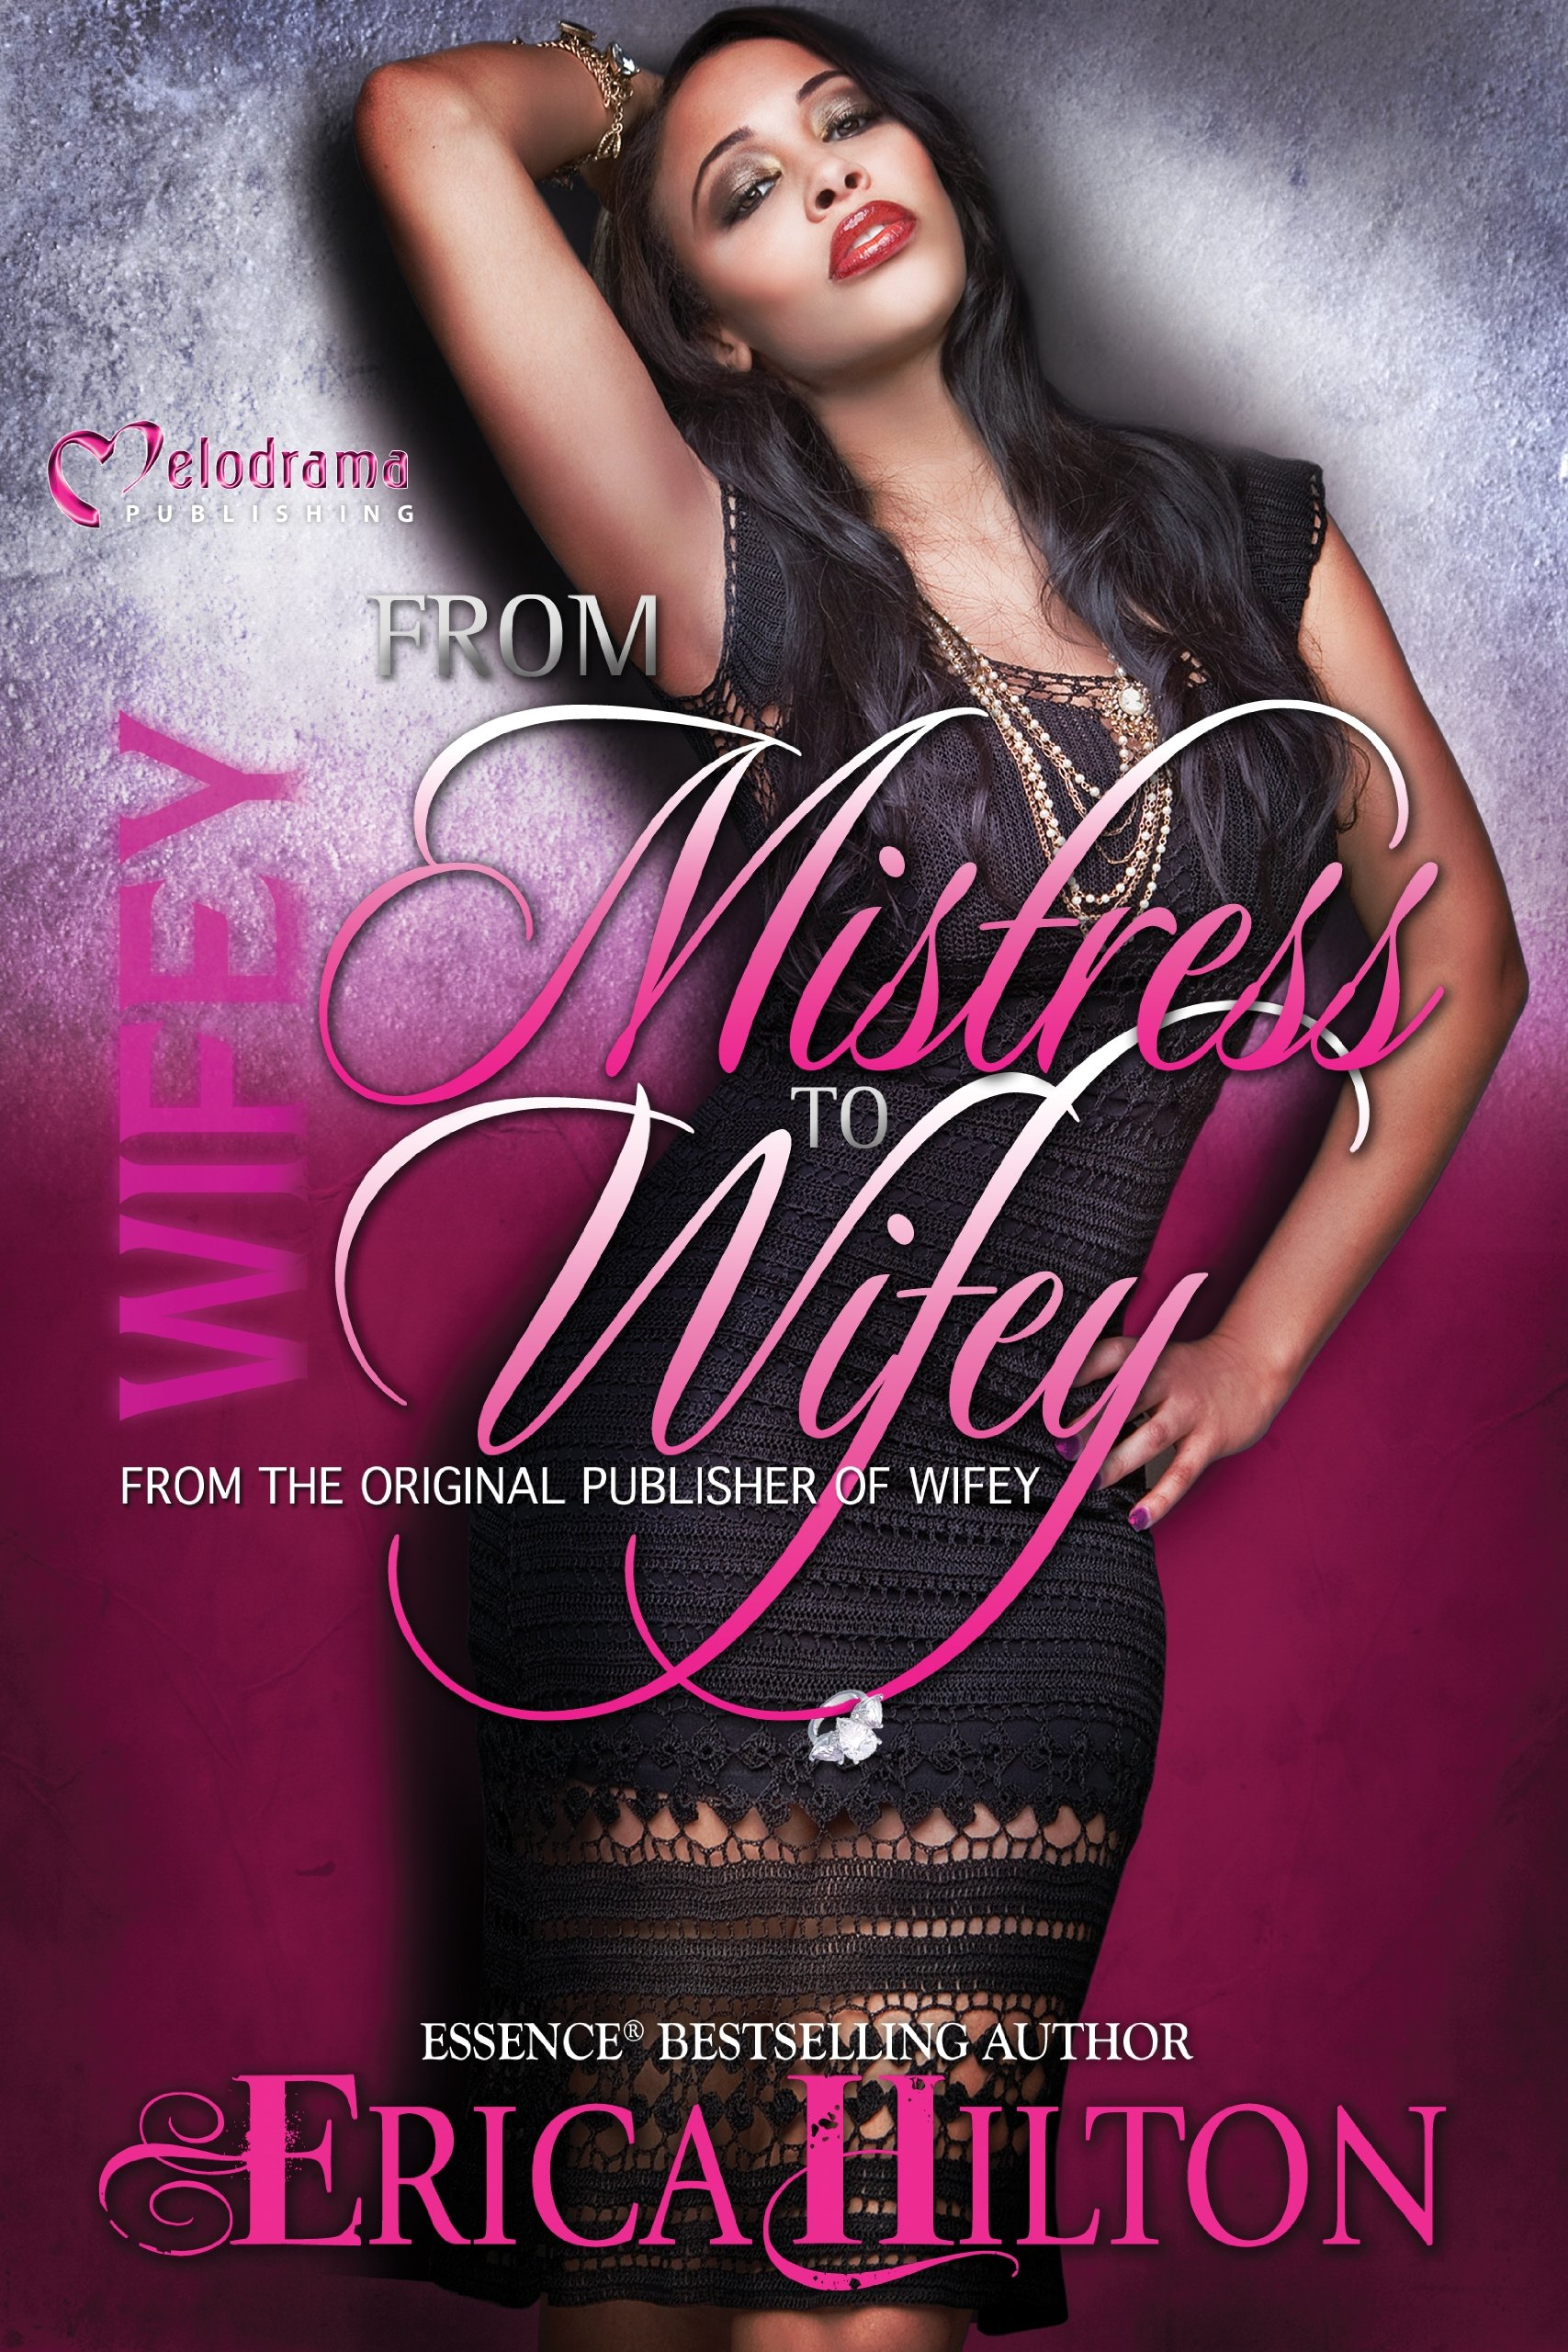 Wifey: From Mistress to Wifey PDF